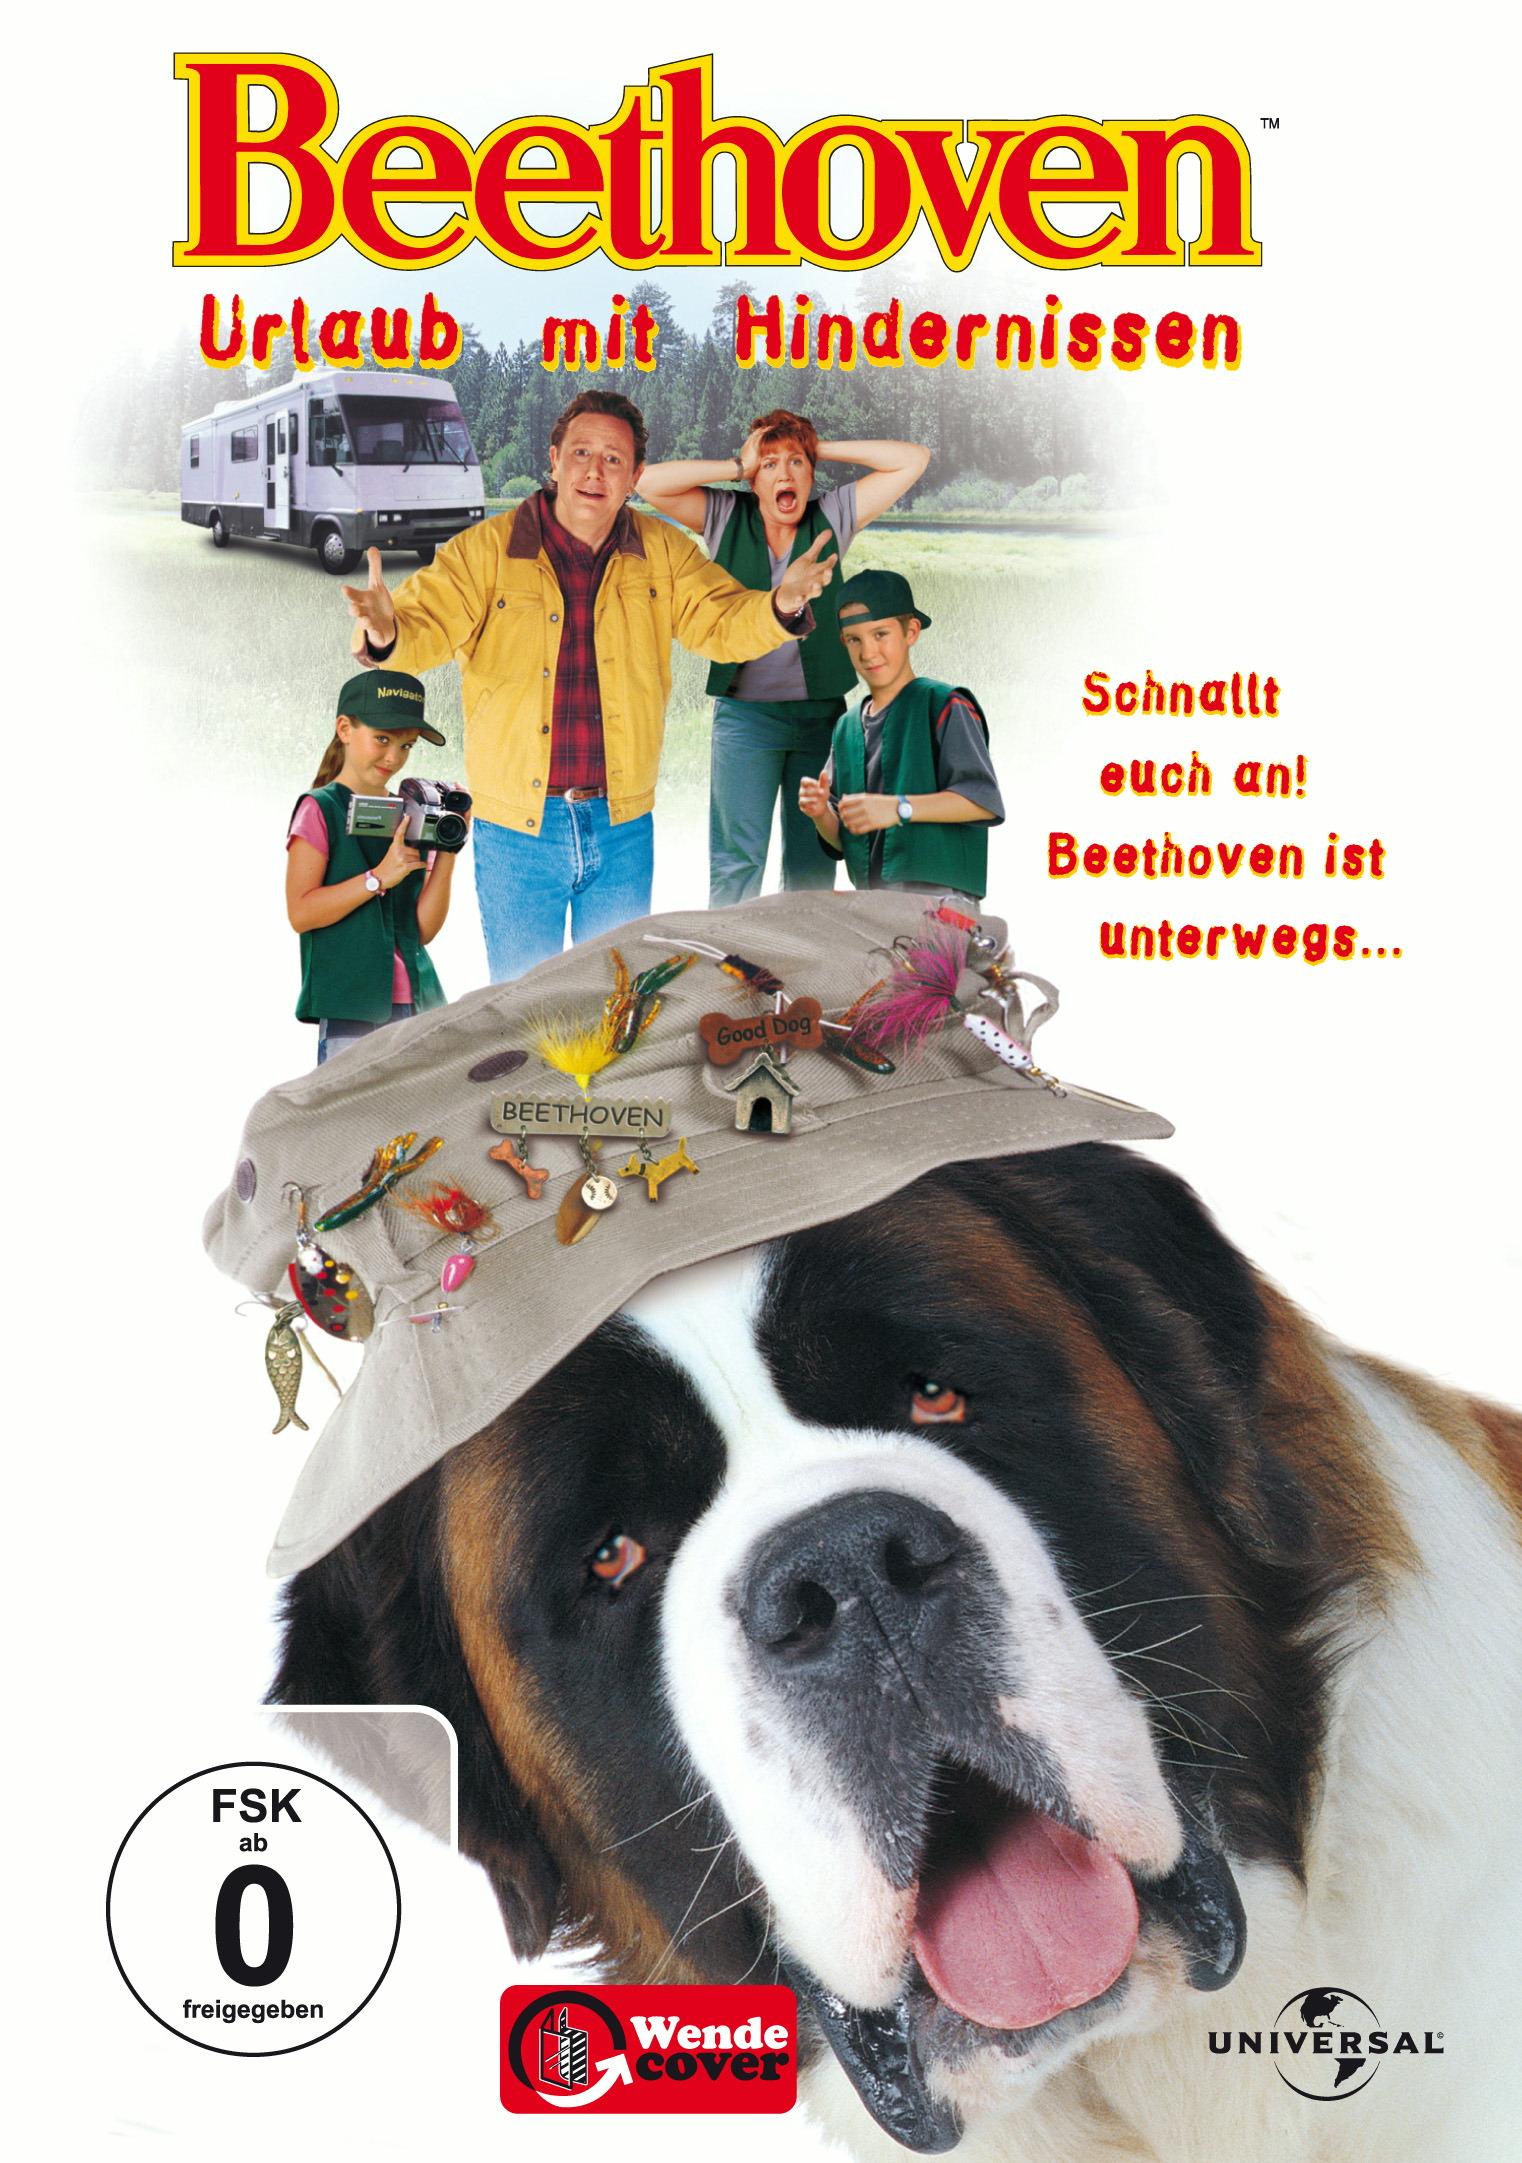 Beethoven 3 - Urlaub mit Hindernissen Poster